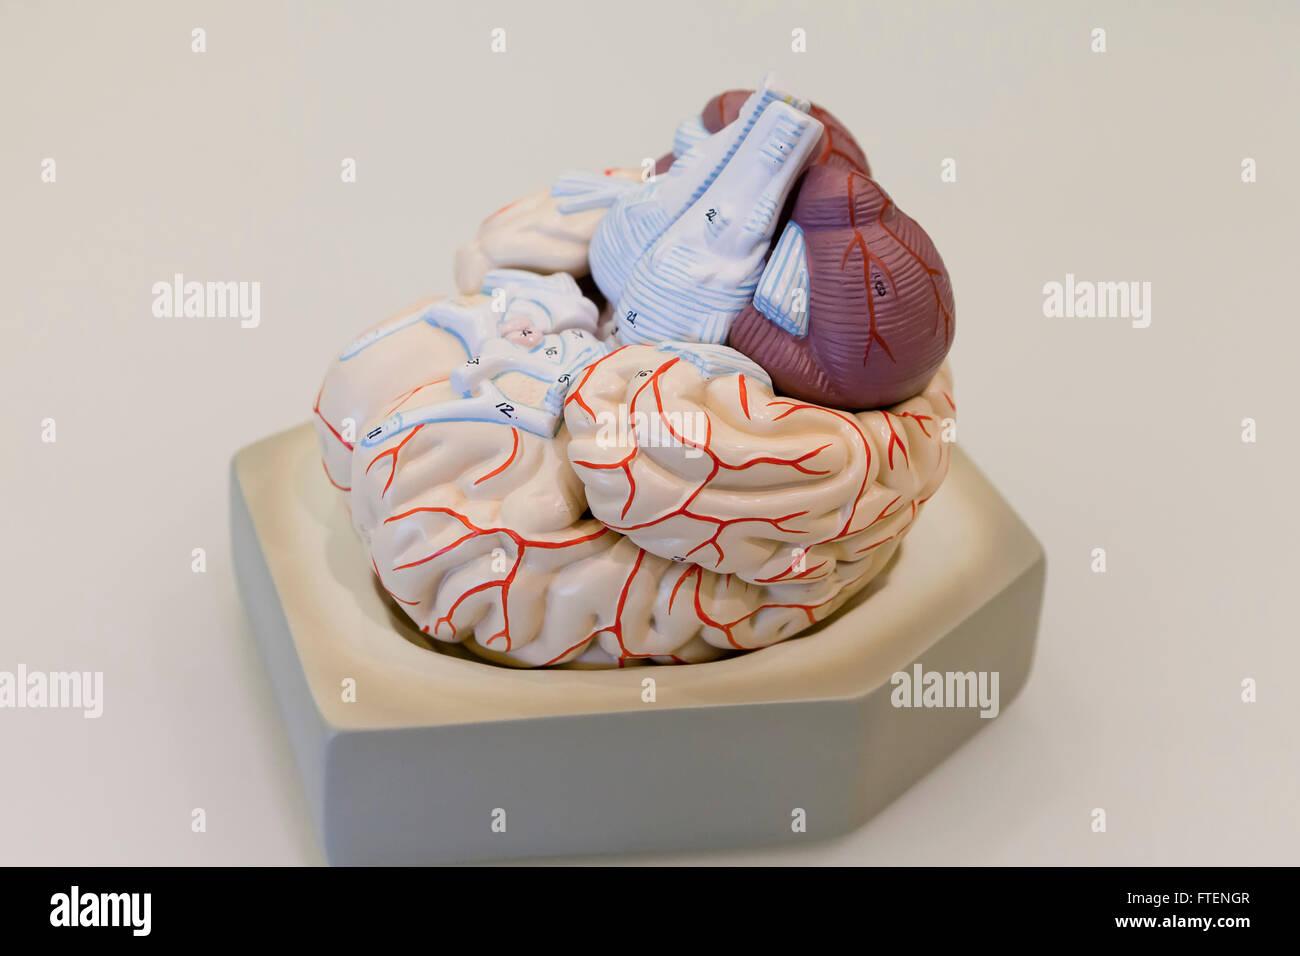 Modelo de cerebro humano - EE.UU. Imagen De Stock